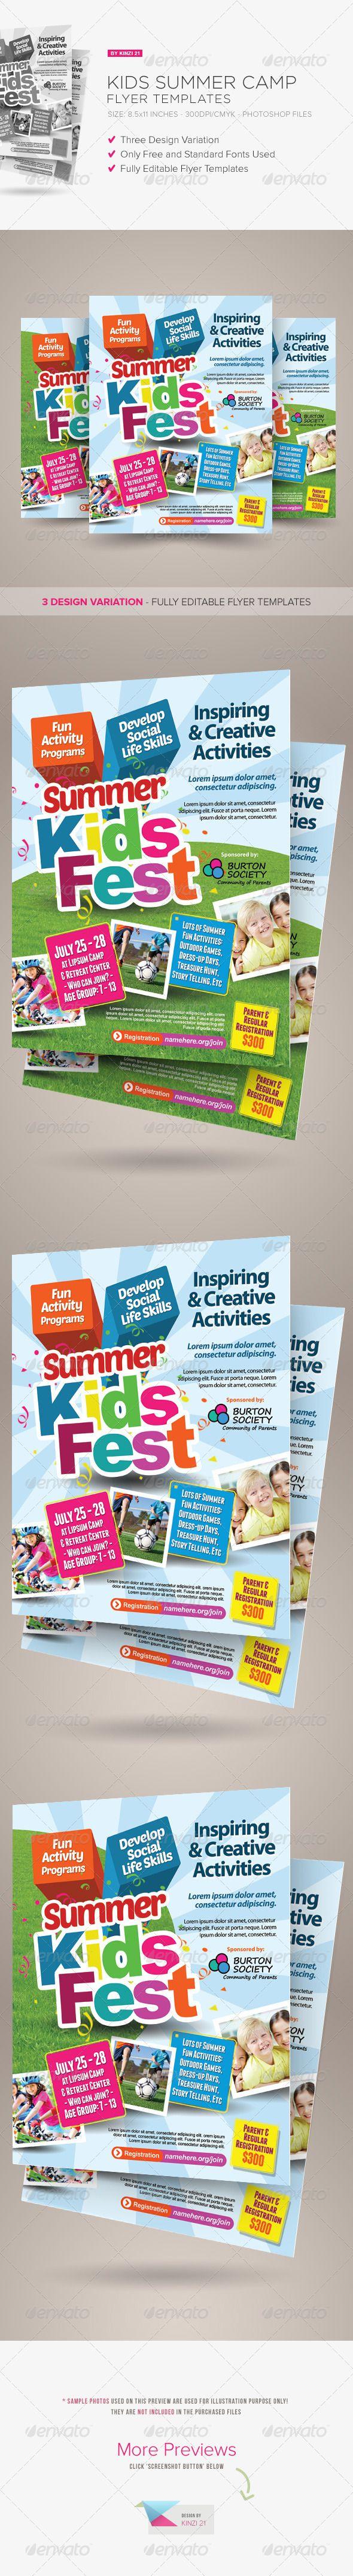 Kids+Summer+Camp+Flyers